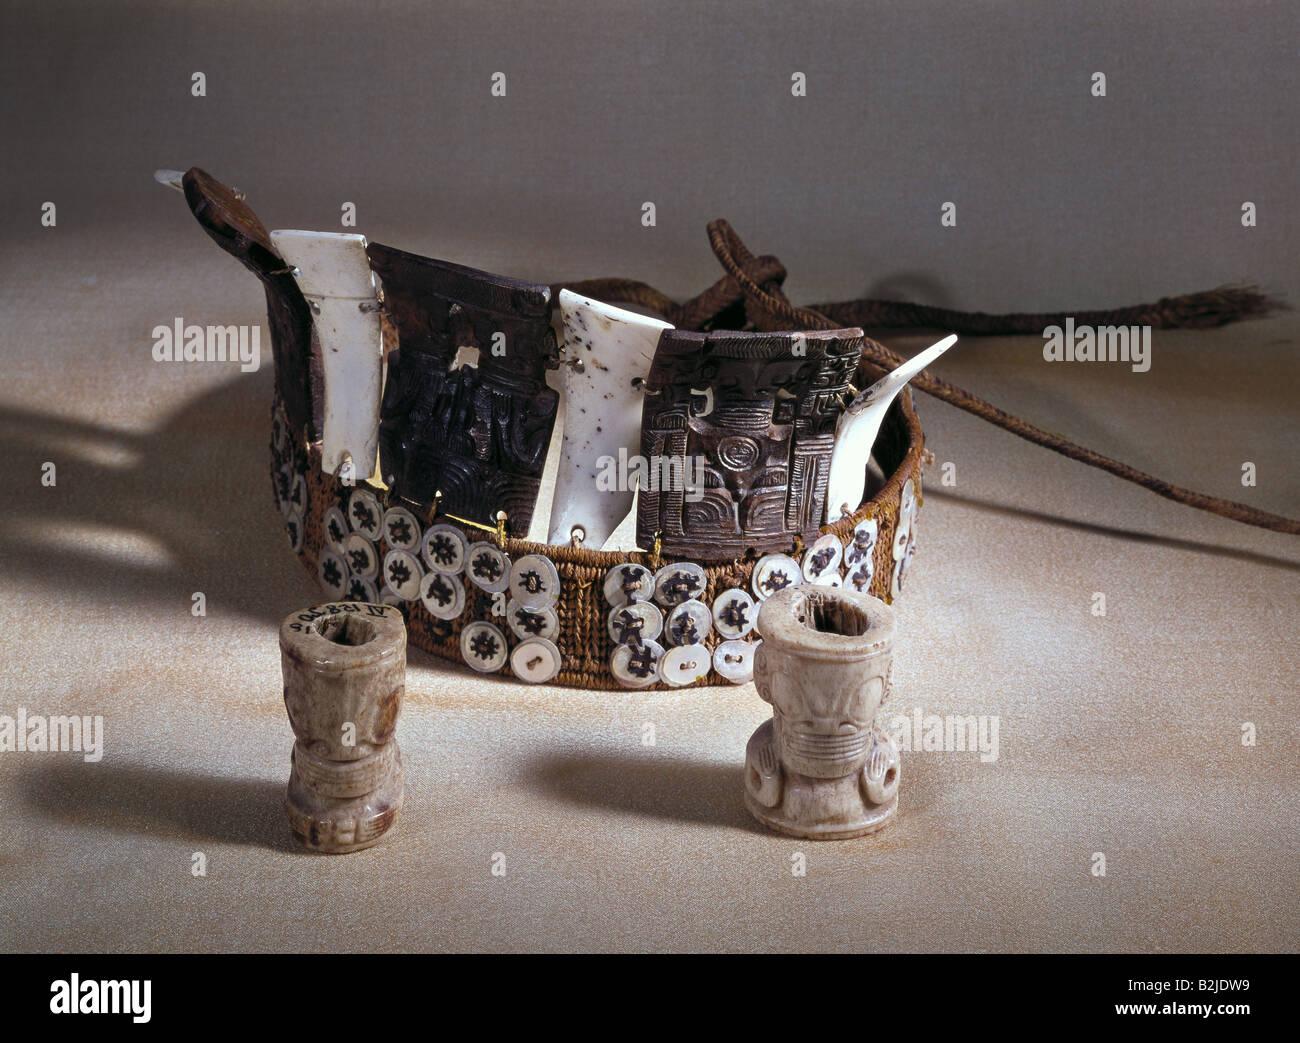 Belle arti, Oceania Isole Marchesi, scultura, corona, guscio di tartaruga, Linden Museum di Stoccarda, Tiki, guscio Immagini Stock